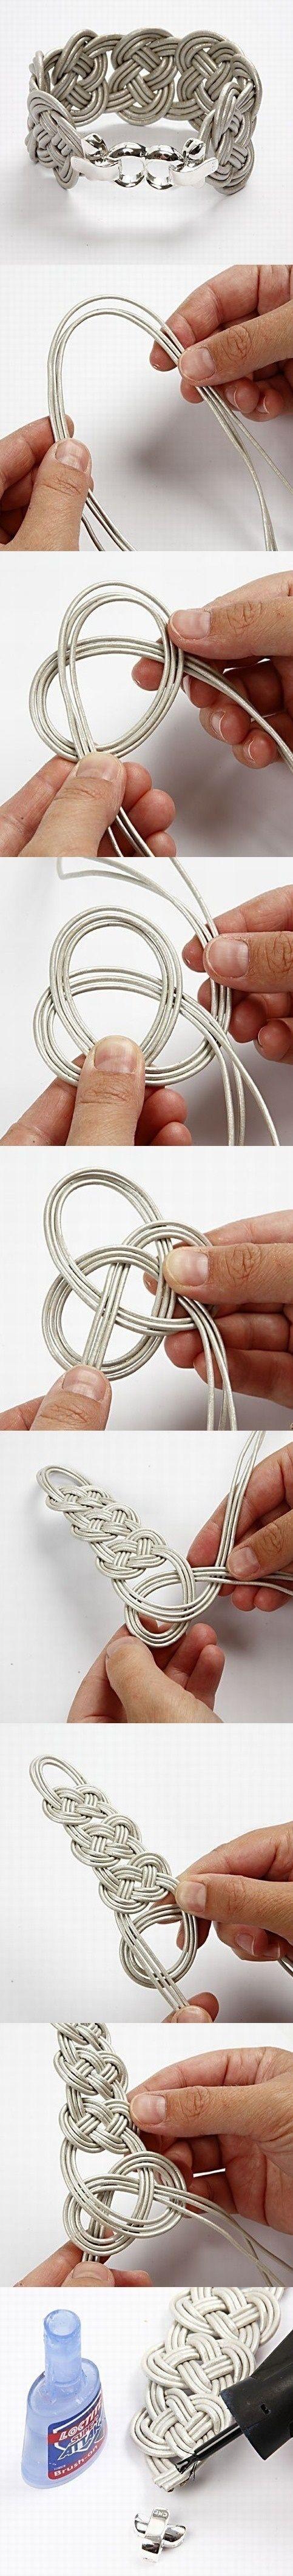 Knot bracelet by Banphrionsa